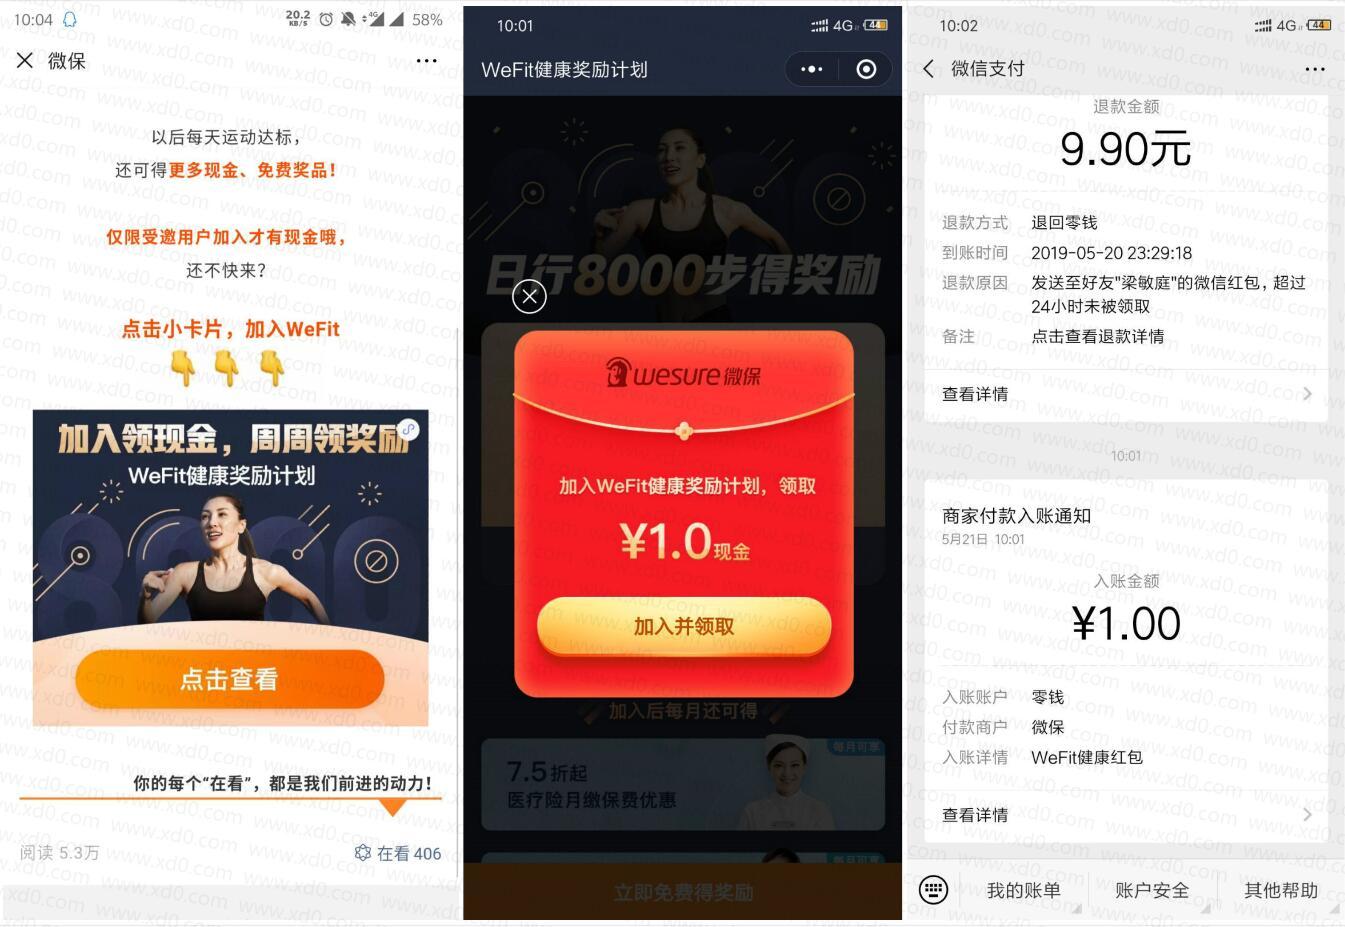 微保WeFit新用户领1元红包